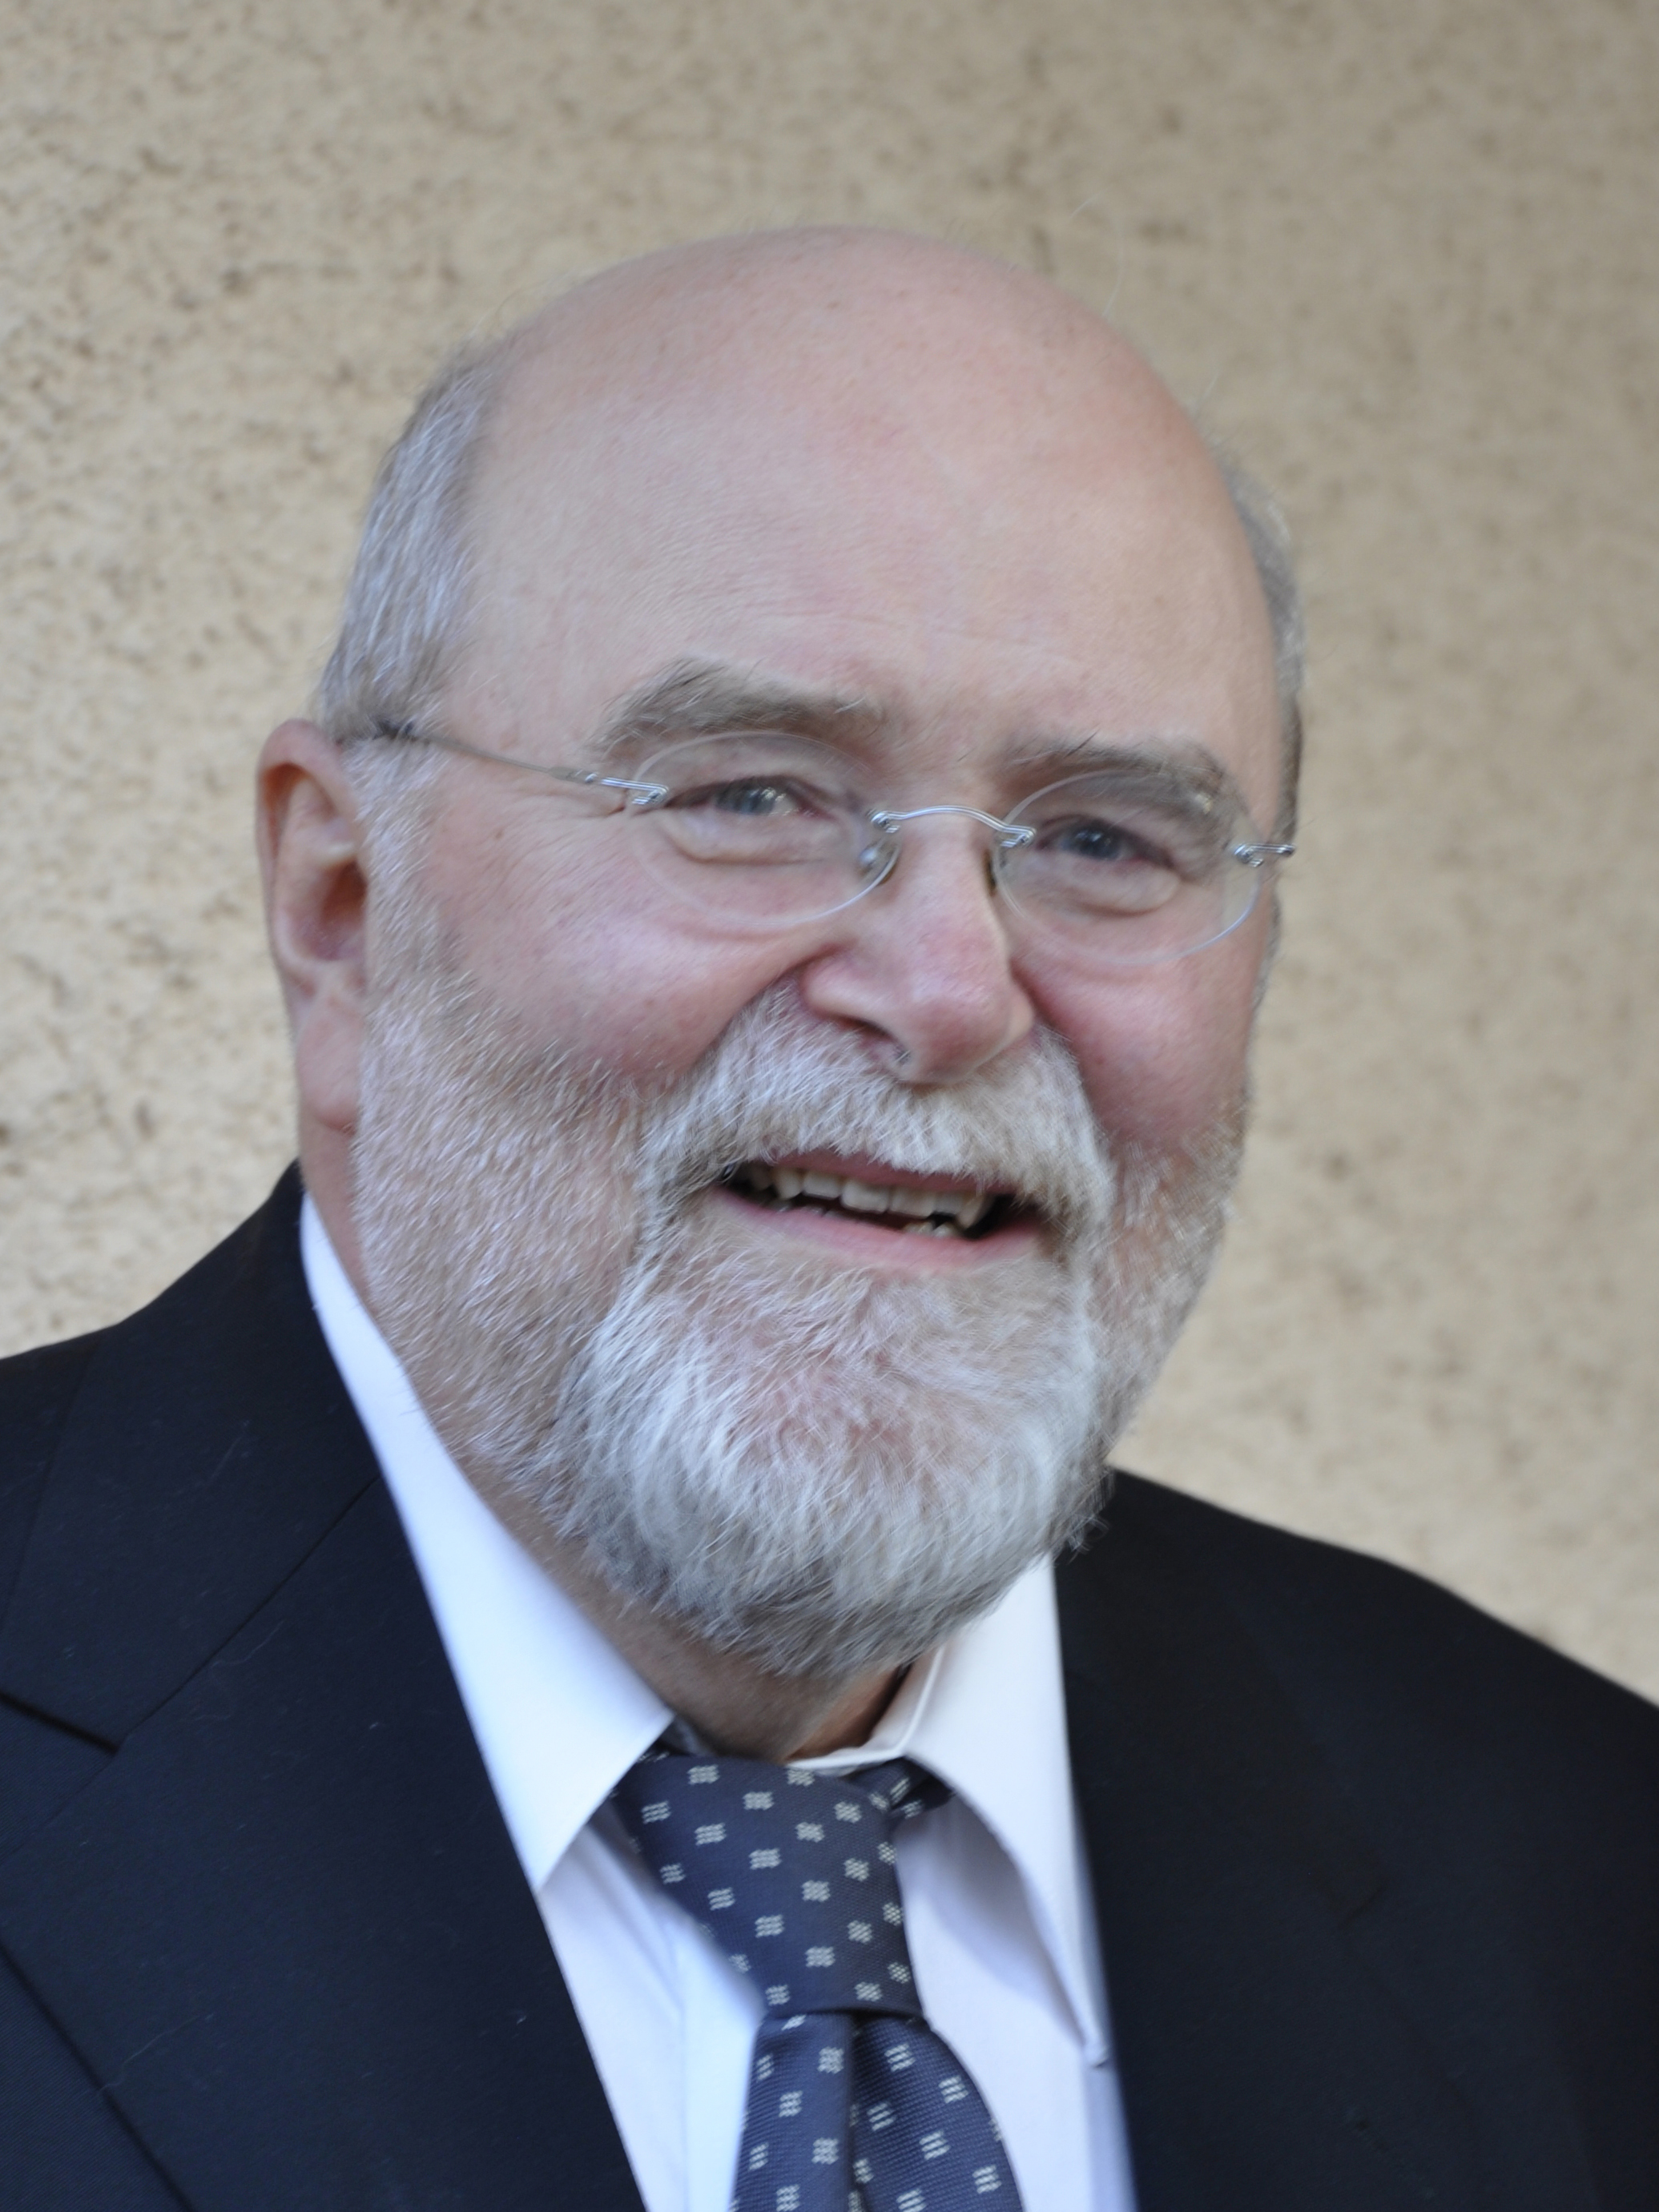 Peter Larsen's picture